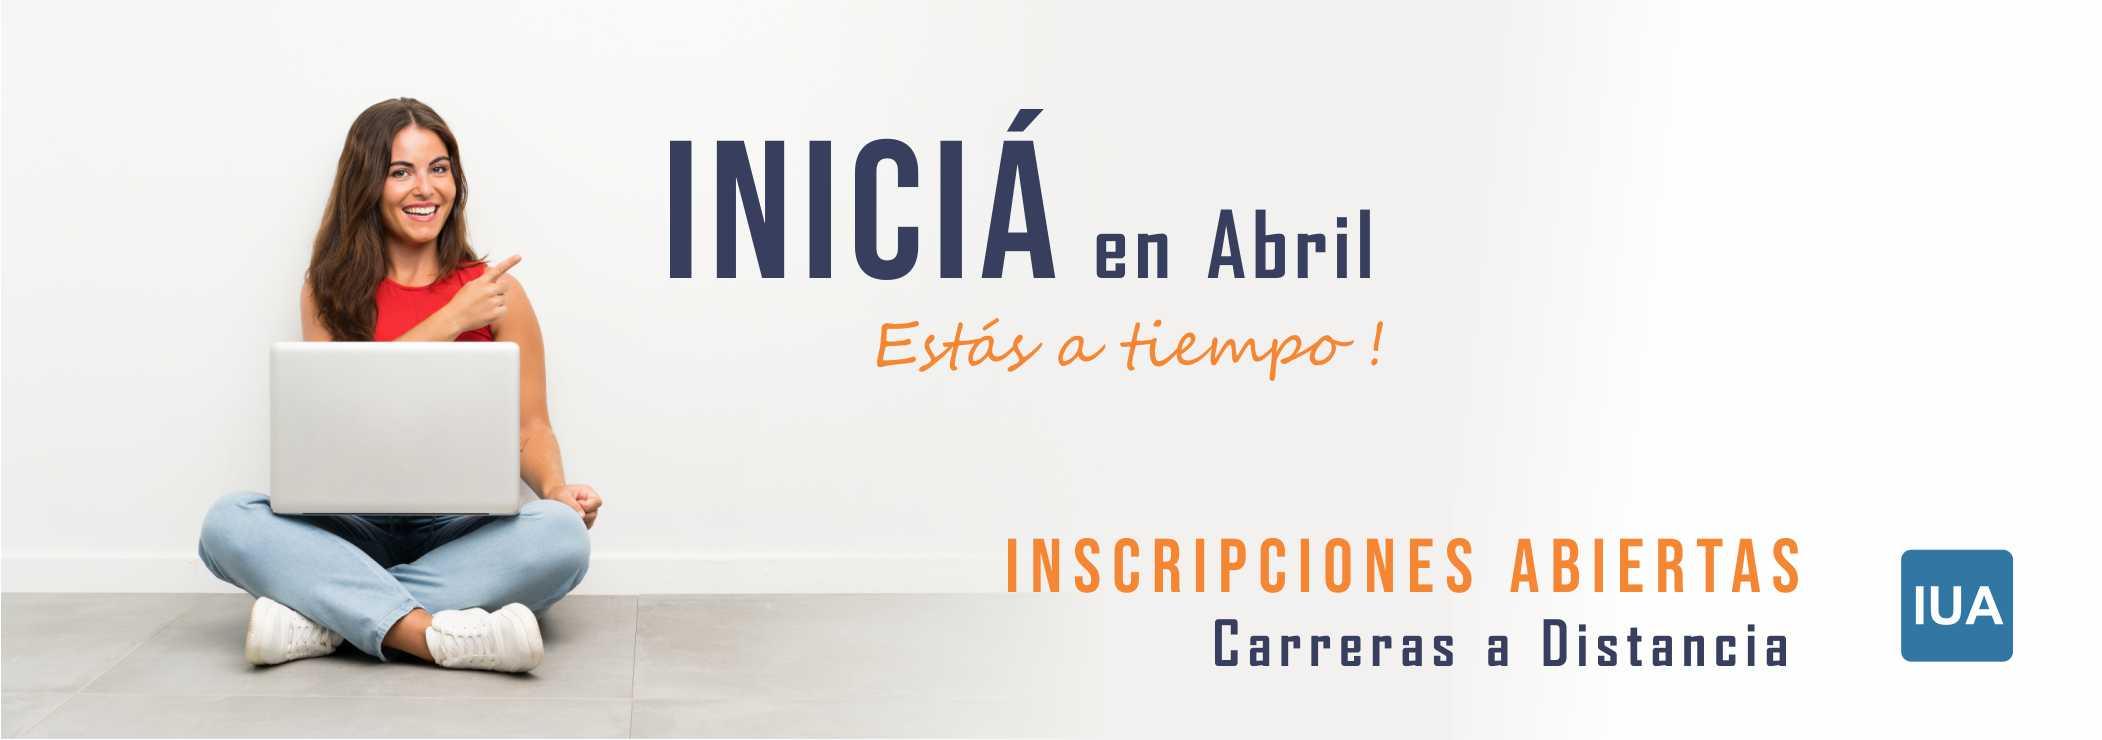 Inscripciones abiertas para Curso de Inducción en modalidad distancia – Inicio Abril 2020